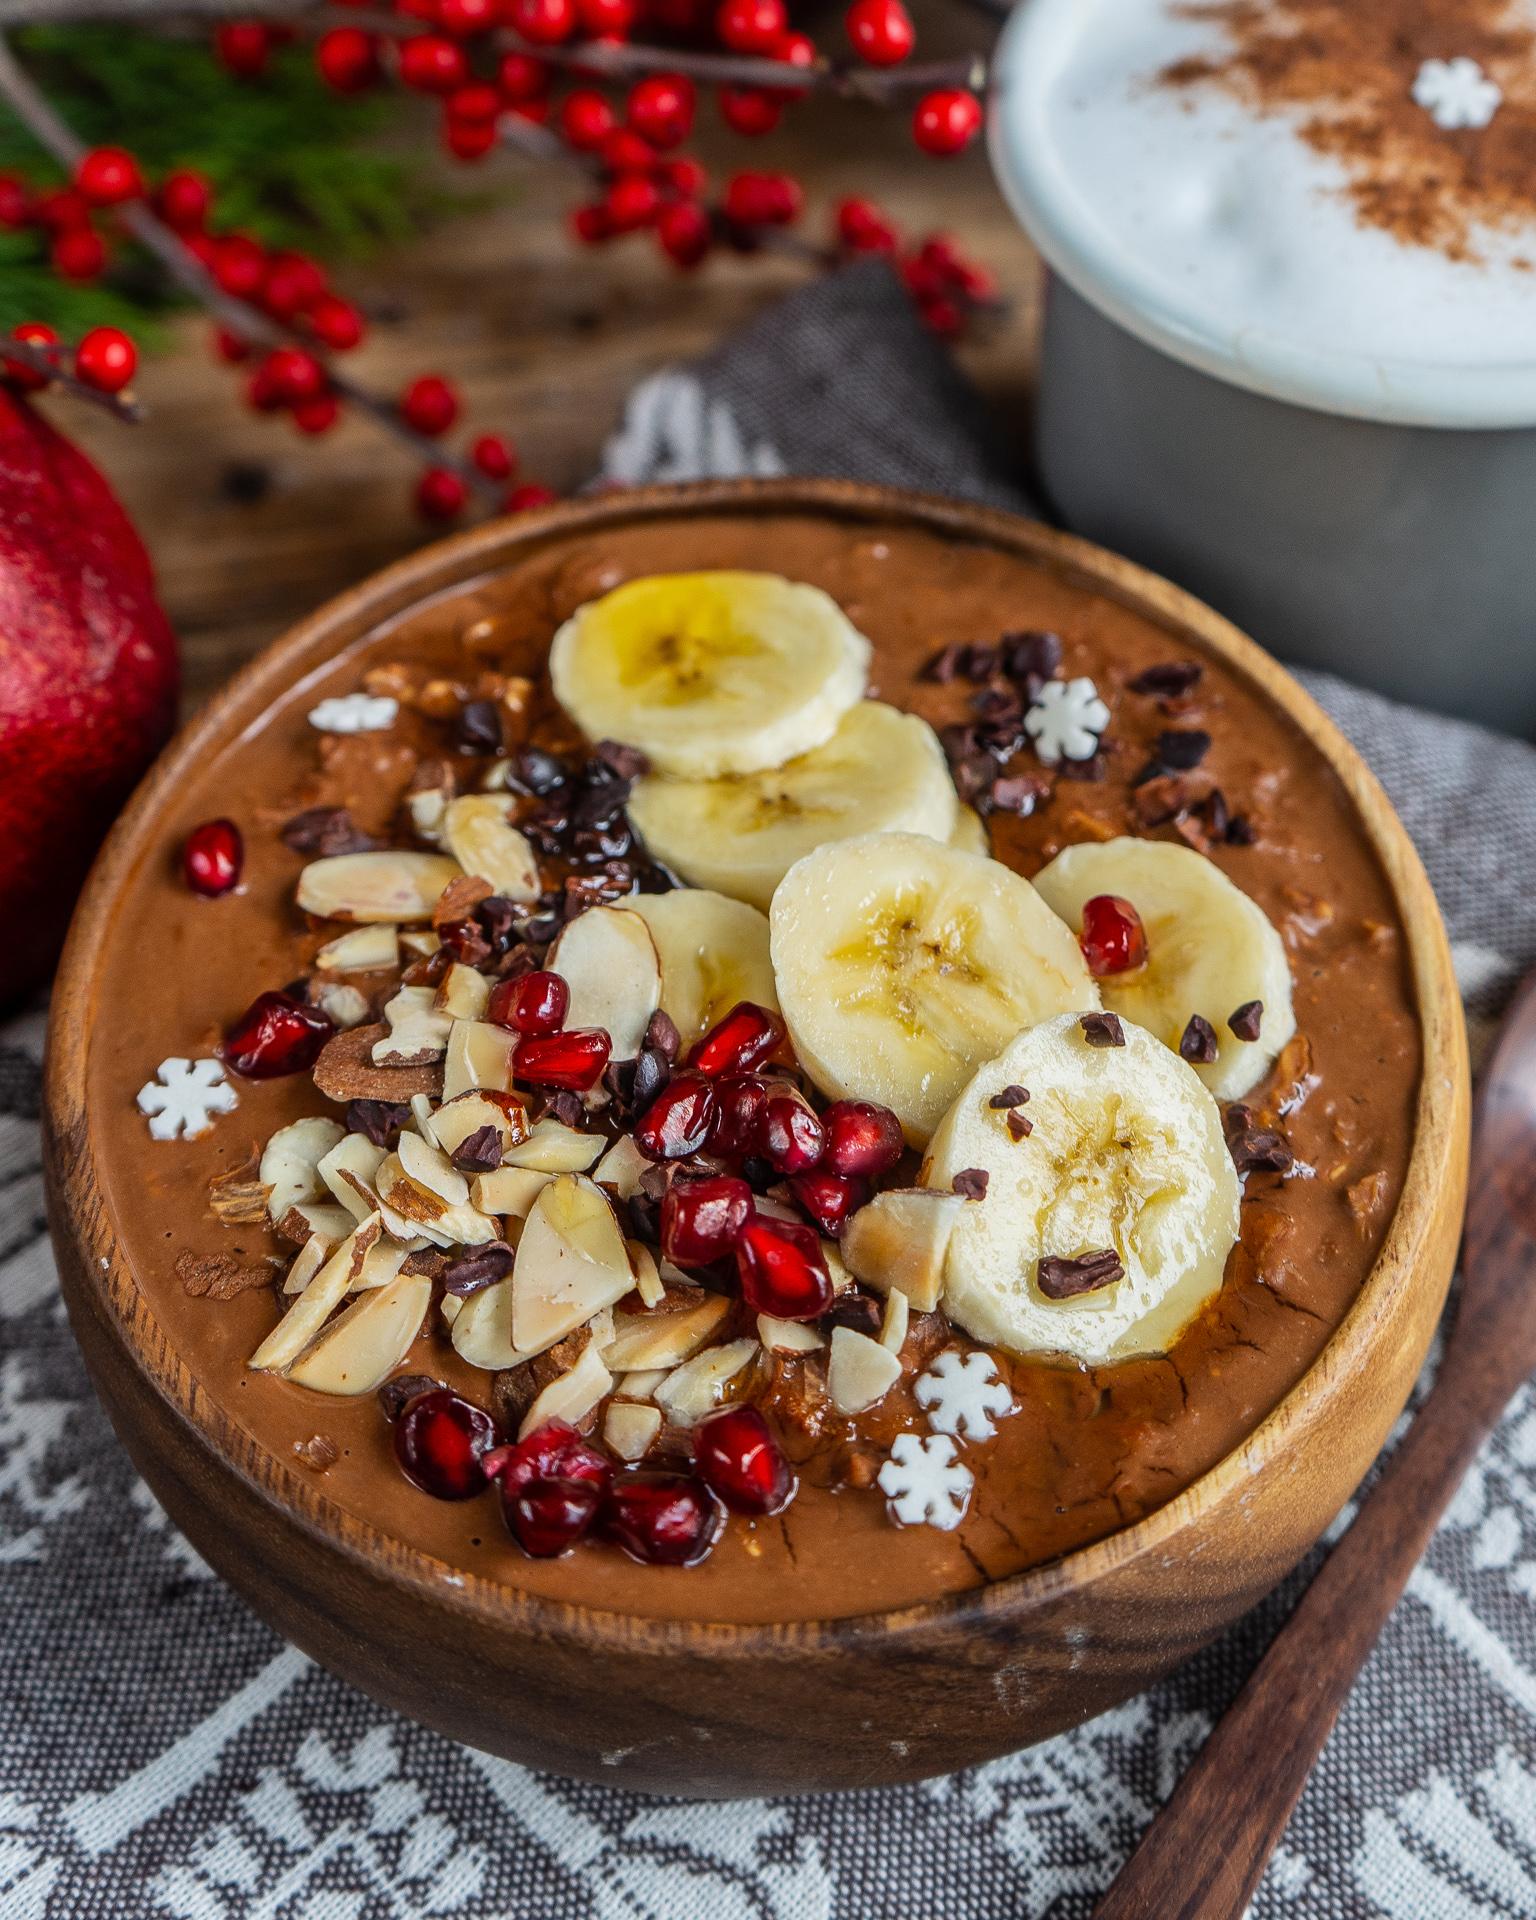 Gesunder Schoko Porridge vegan Mrs Flury Rezept